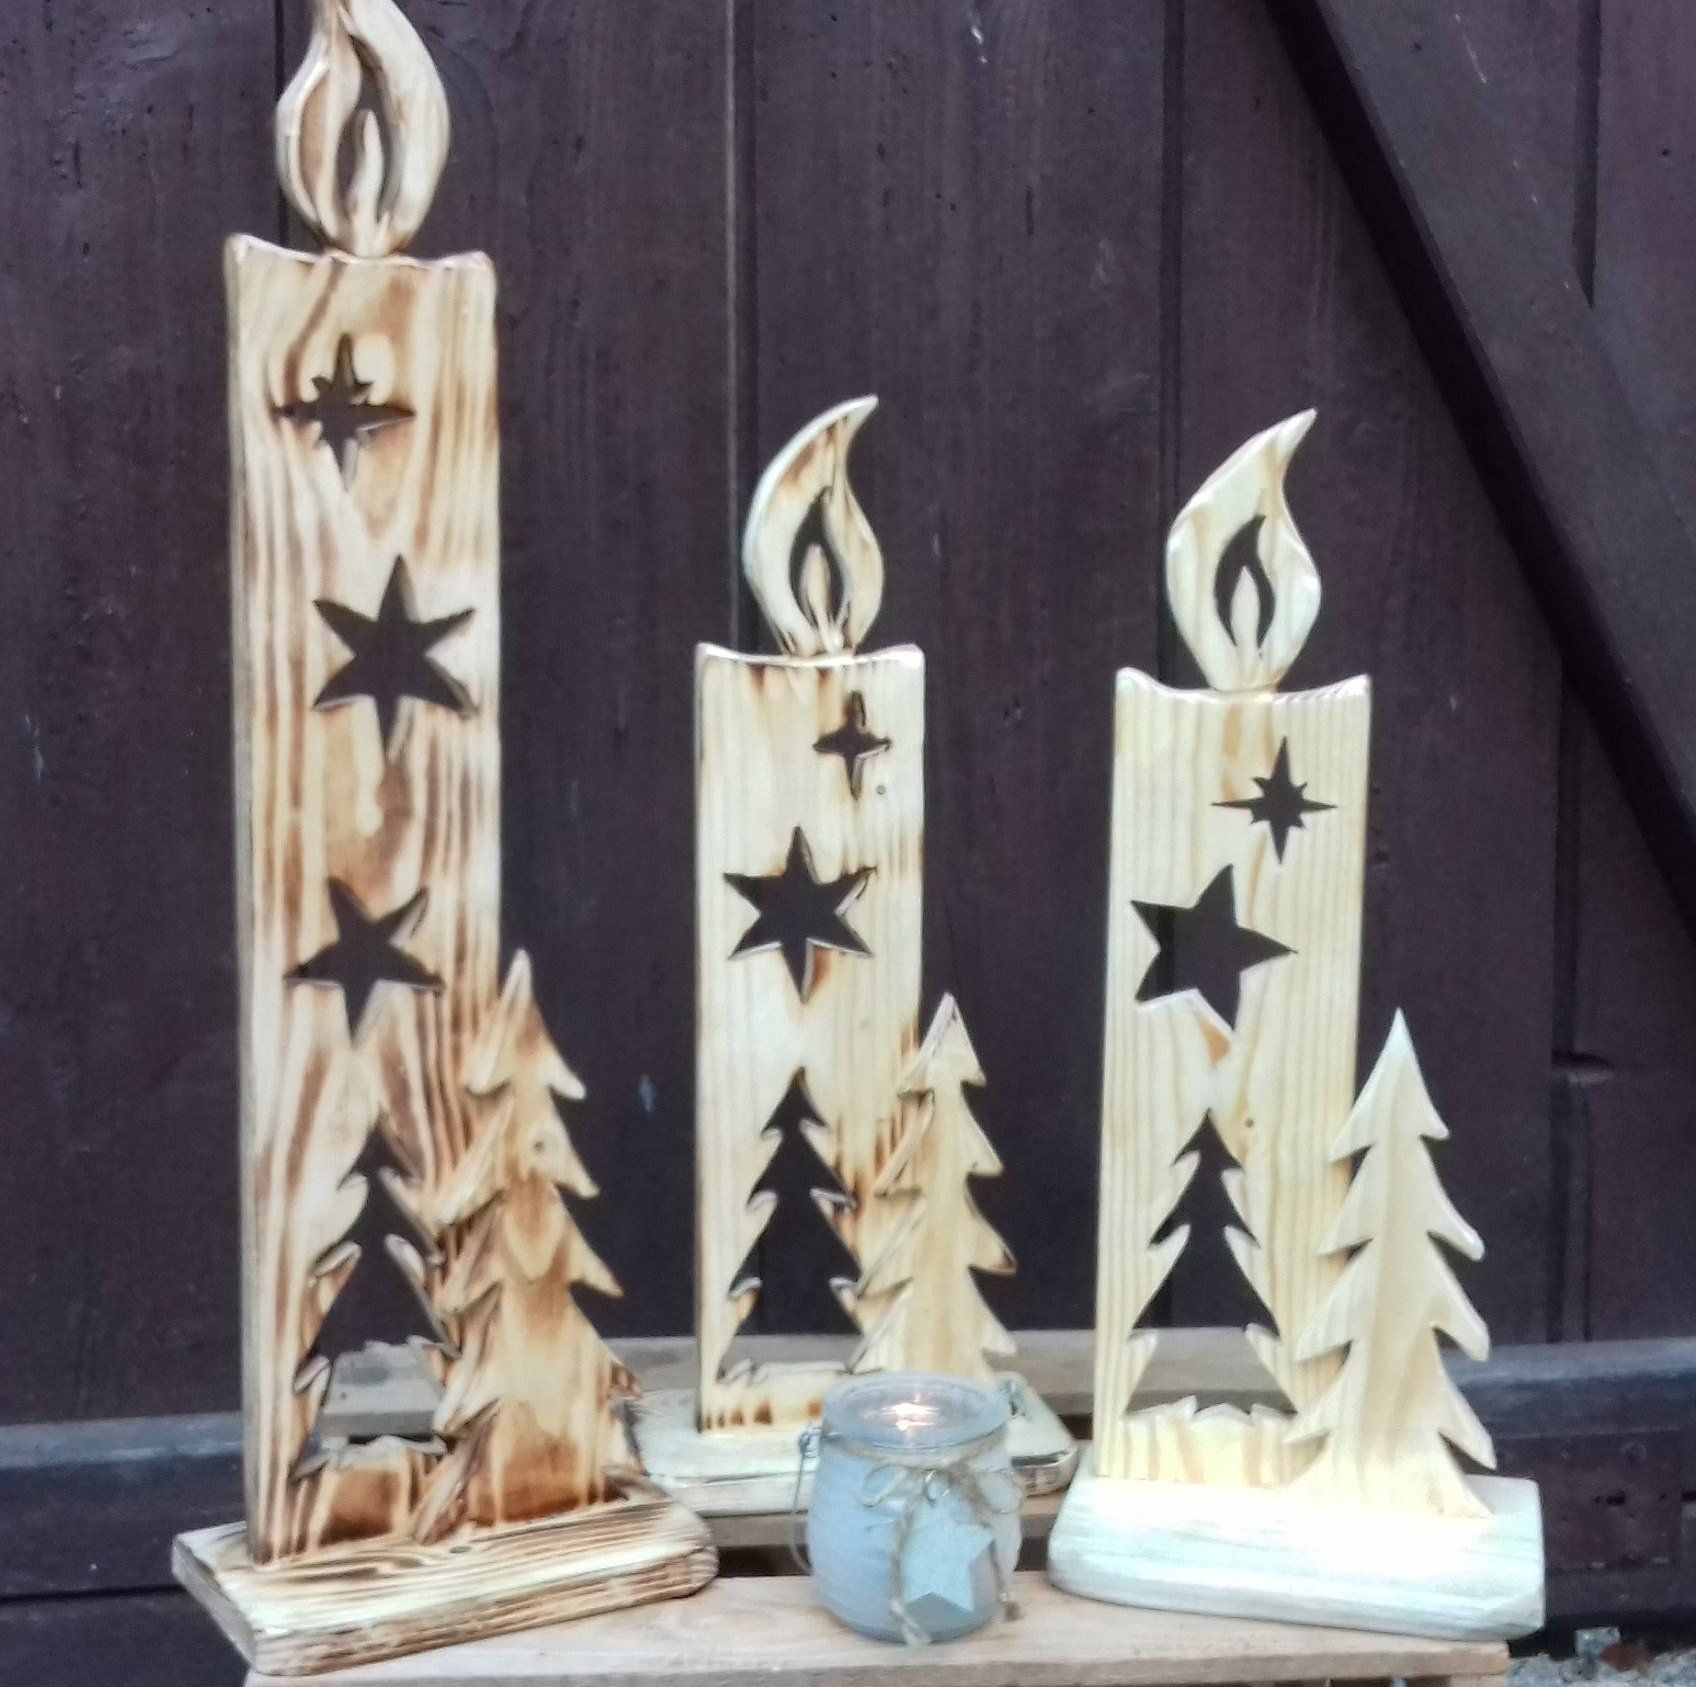 weihnachtsdeko kerzen aus holz teelichthalter natur geschenk weihnachtsdeko kerzen kerzen